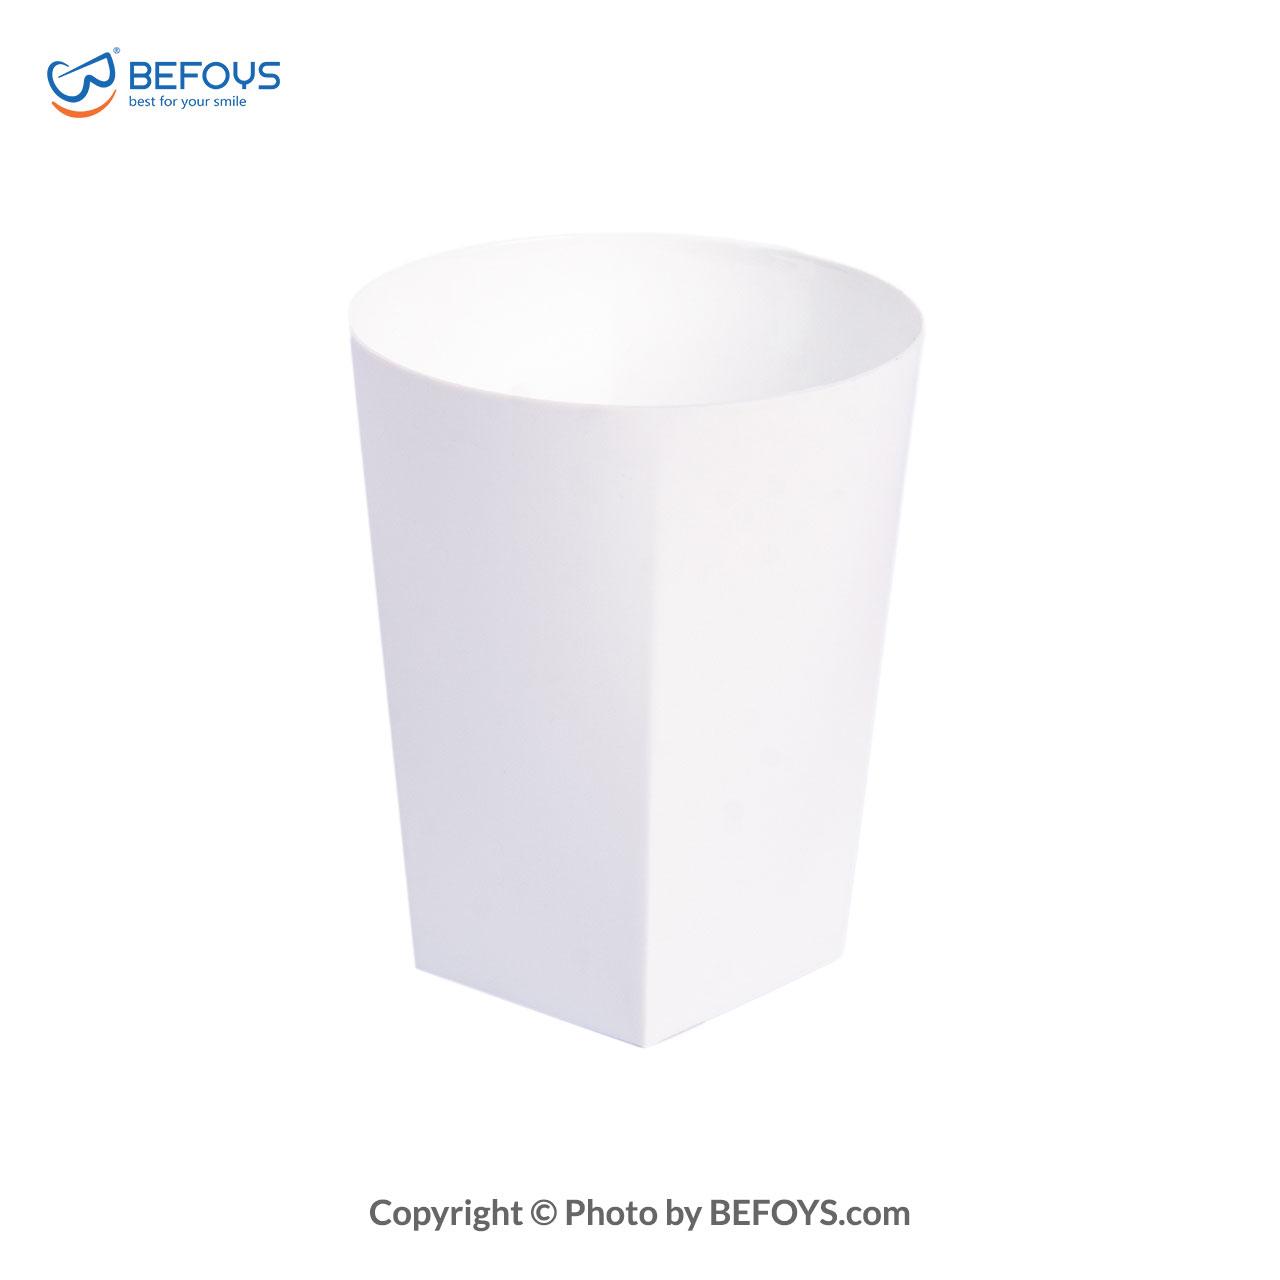 لیوان یکبار مصرف بسته ای اکسترا سفید